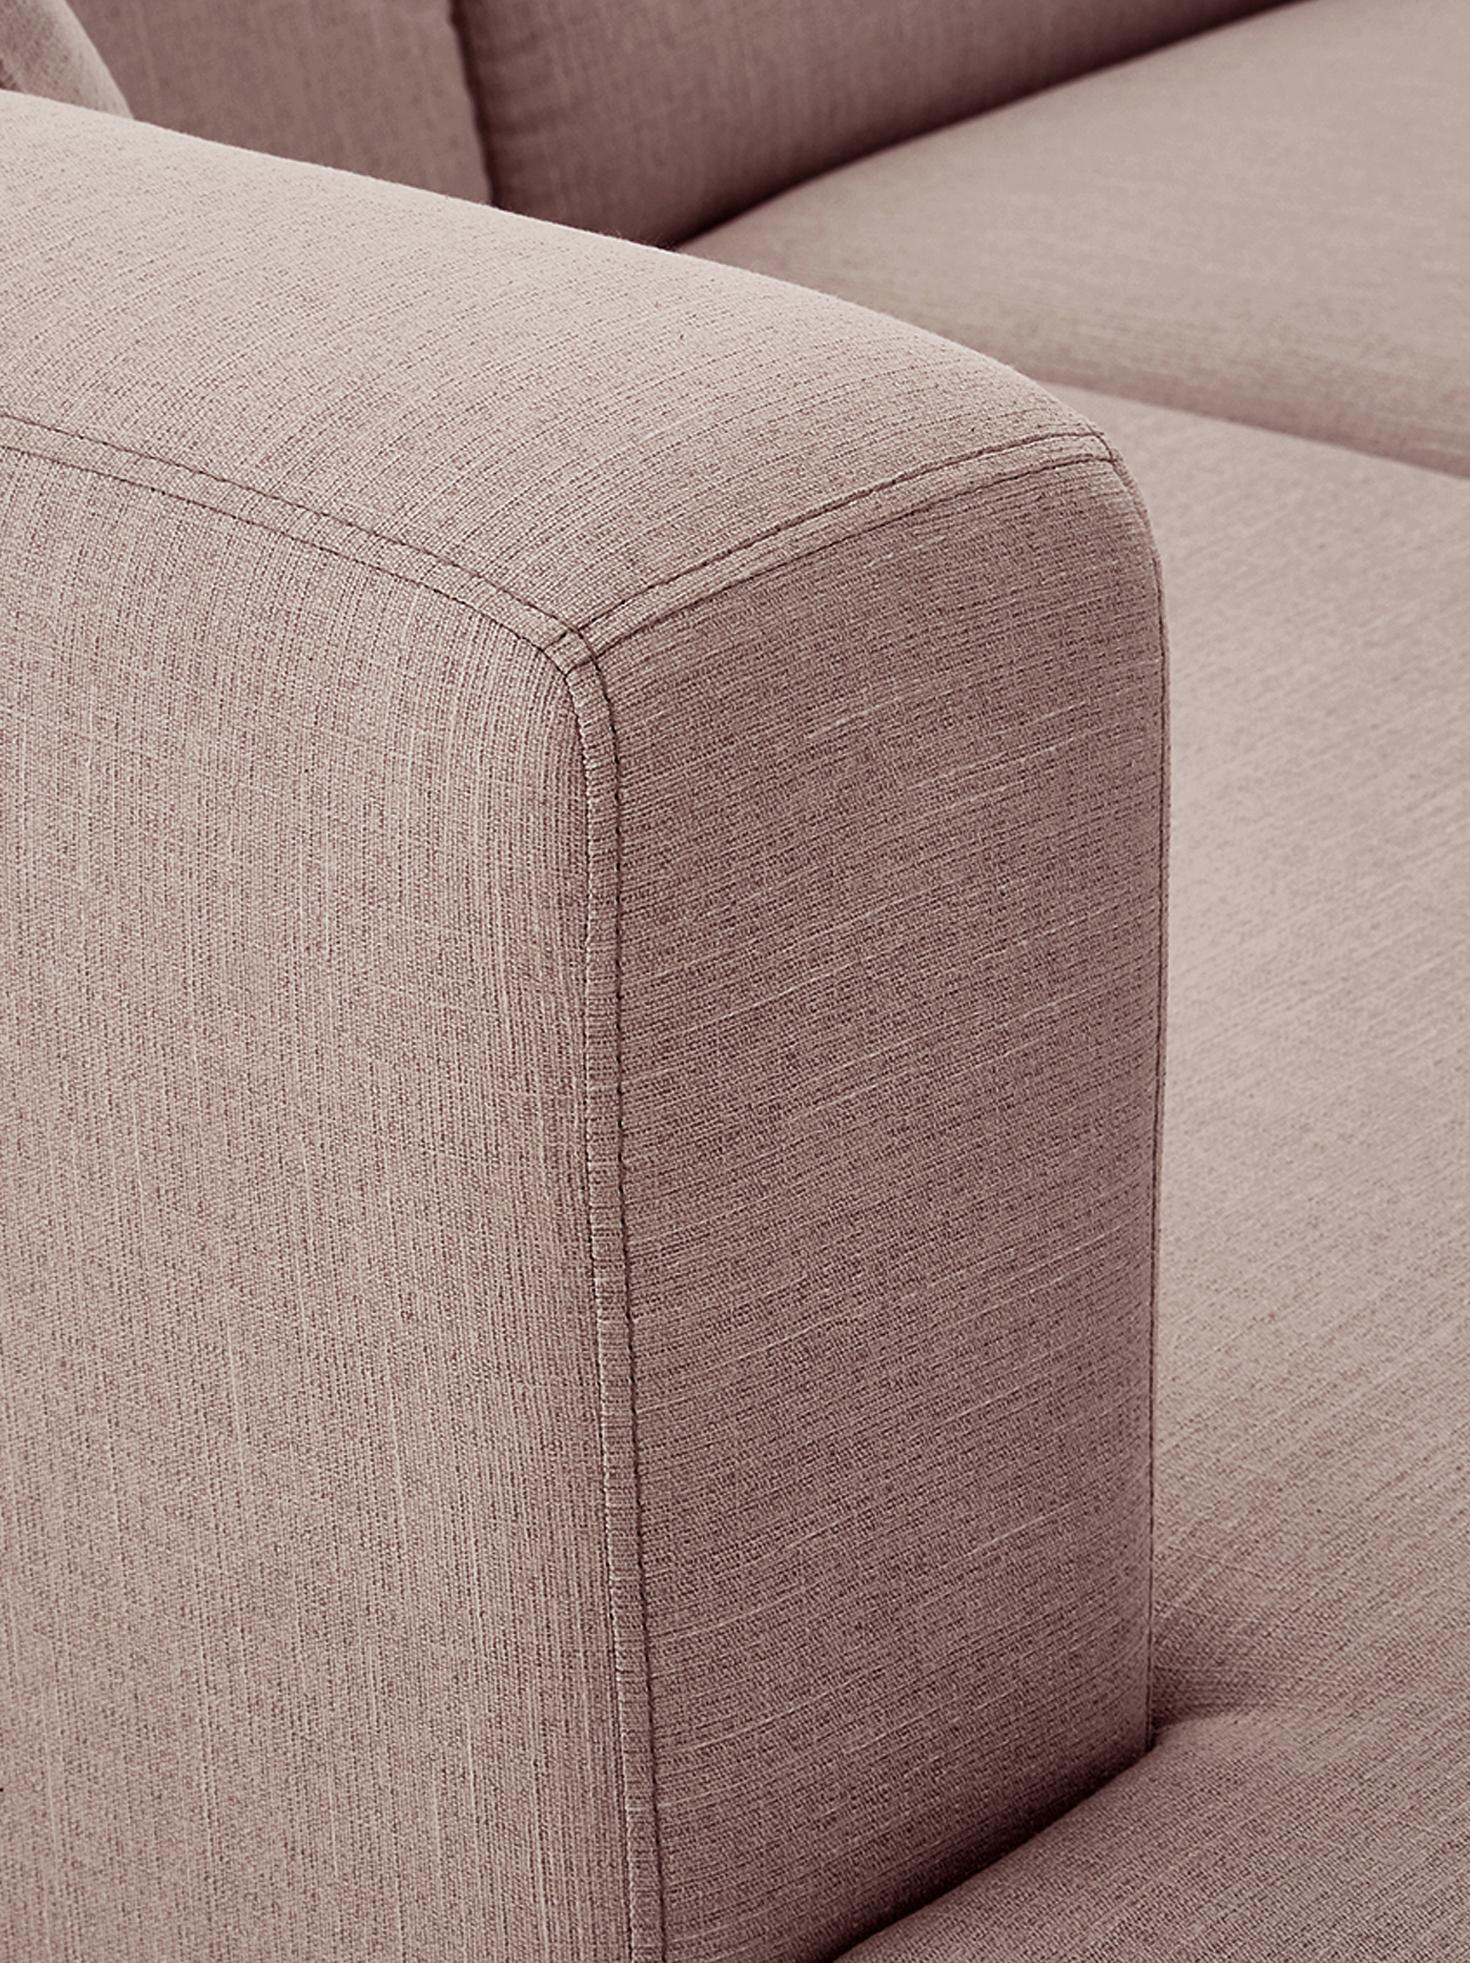 Ecksofa Carrie, Bezug: Polyester 50.000 Scheuert, Gestell: Spanholz, Hartfaserplatte, Füße: Metall, lackiert, Webstoff Altrosa, B 222 x T 180 cm